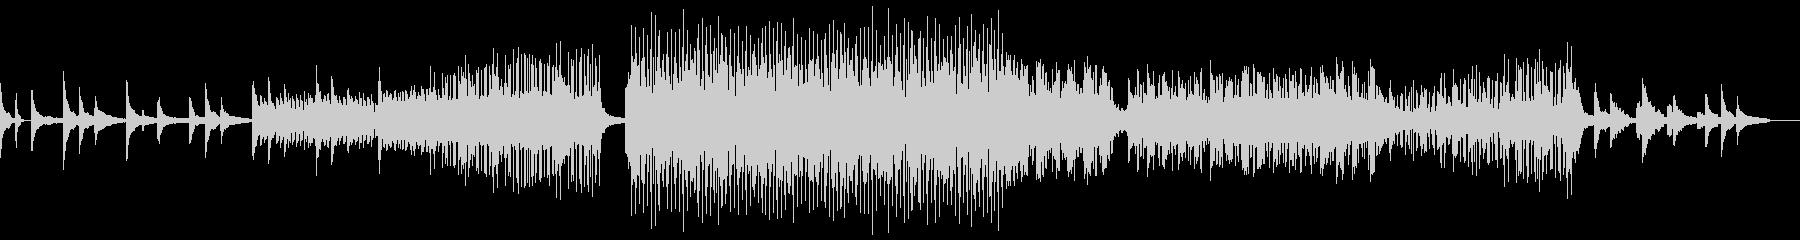 動画 サスペンス 説明的 静か ク...の未再生の波形